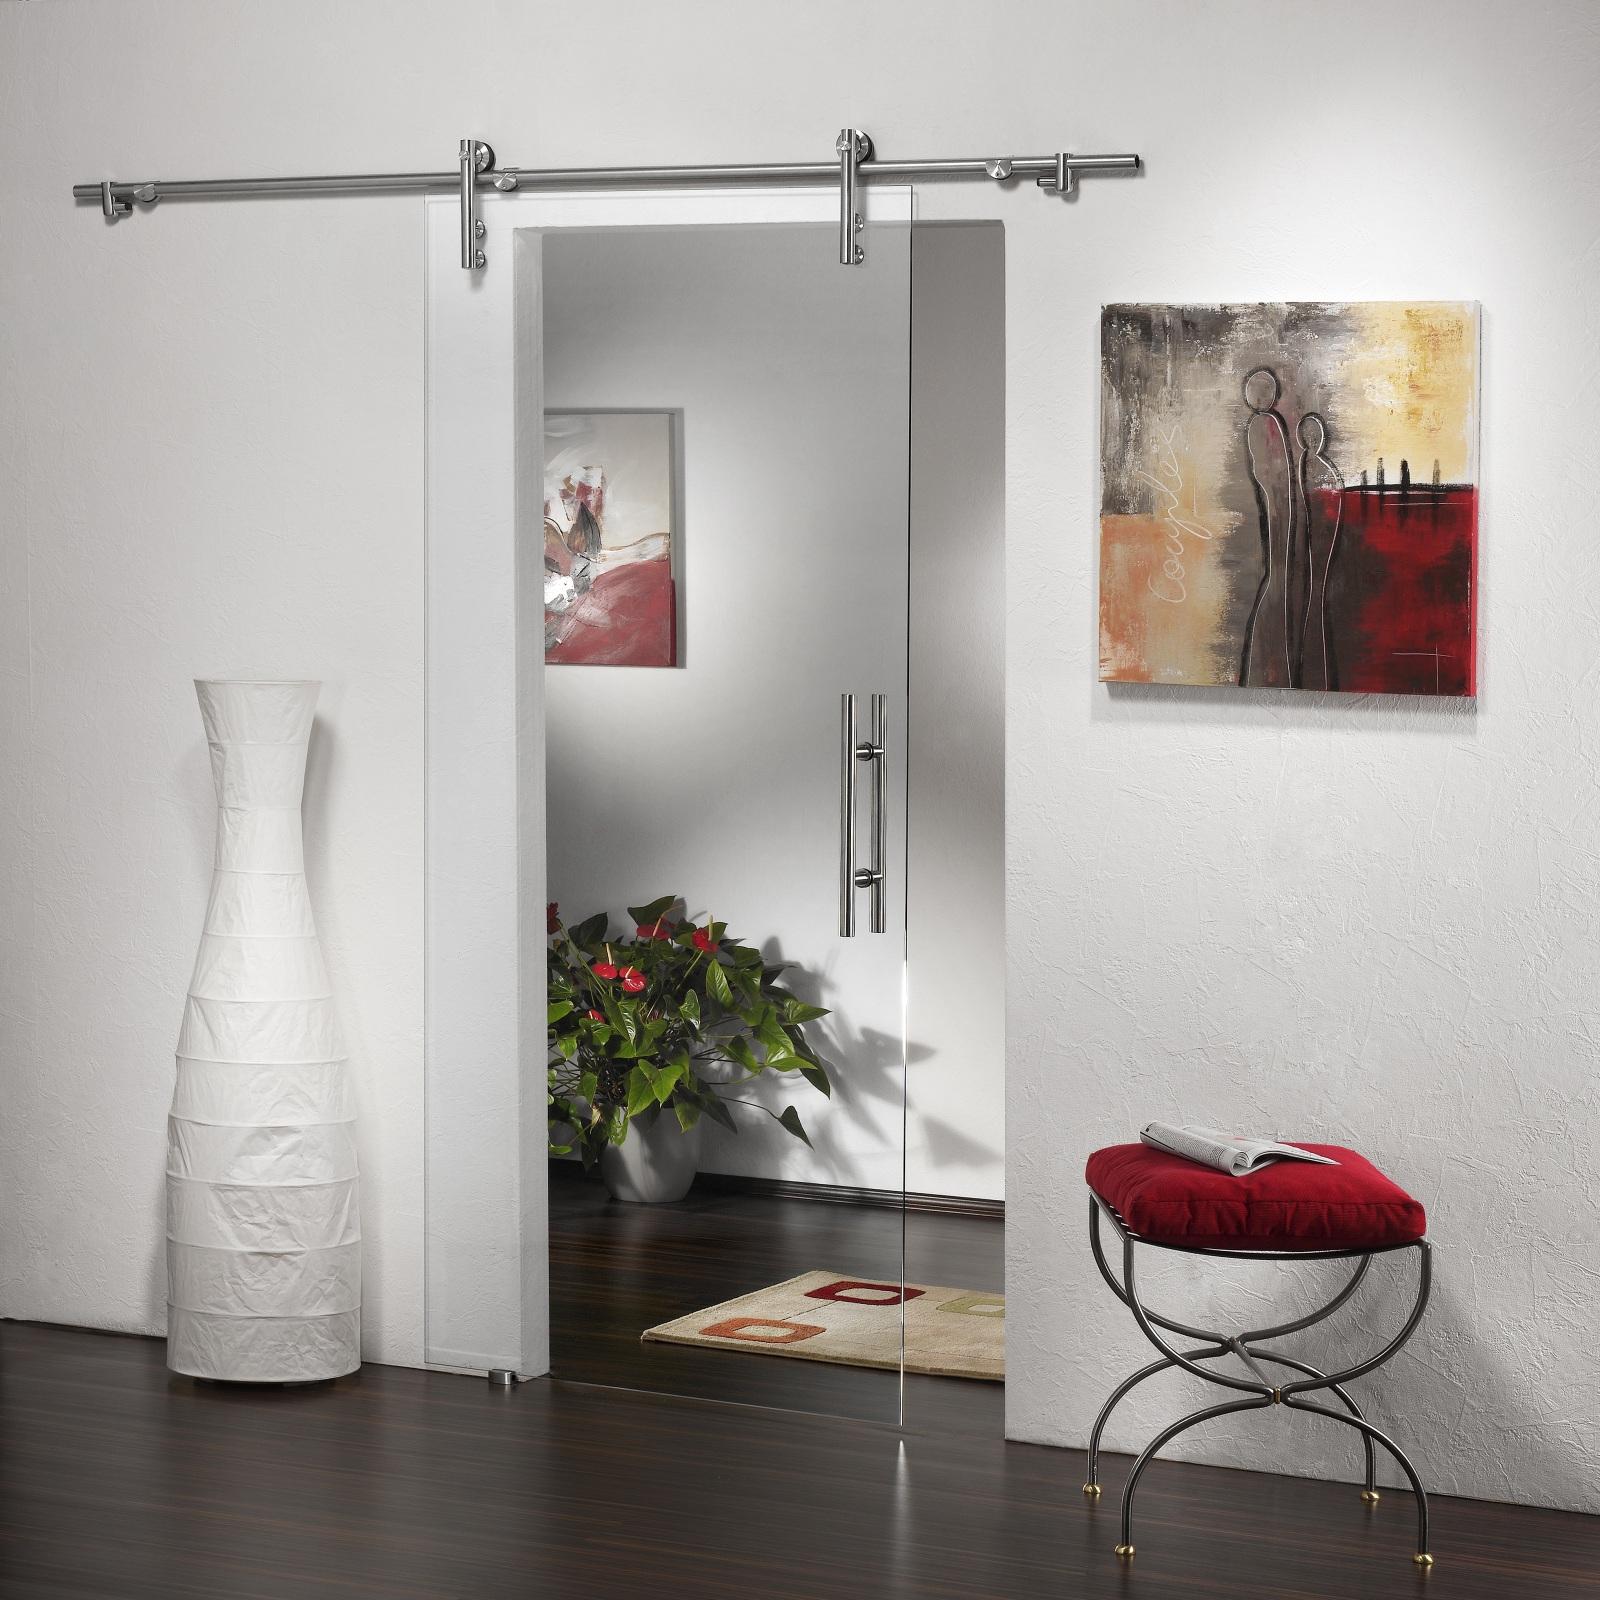 glasschiebet r sd752 v1000 zp klarglas griffstange edelstahl ebay. Black Bedroom Furniture Sets. Home Design Ideas